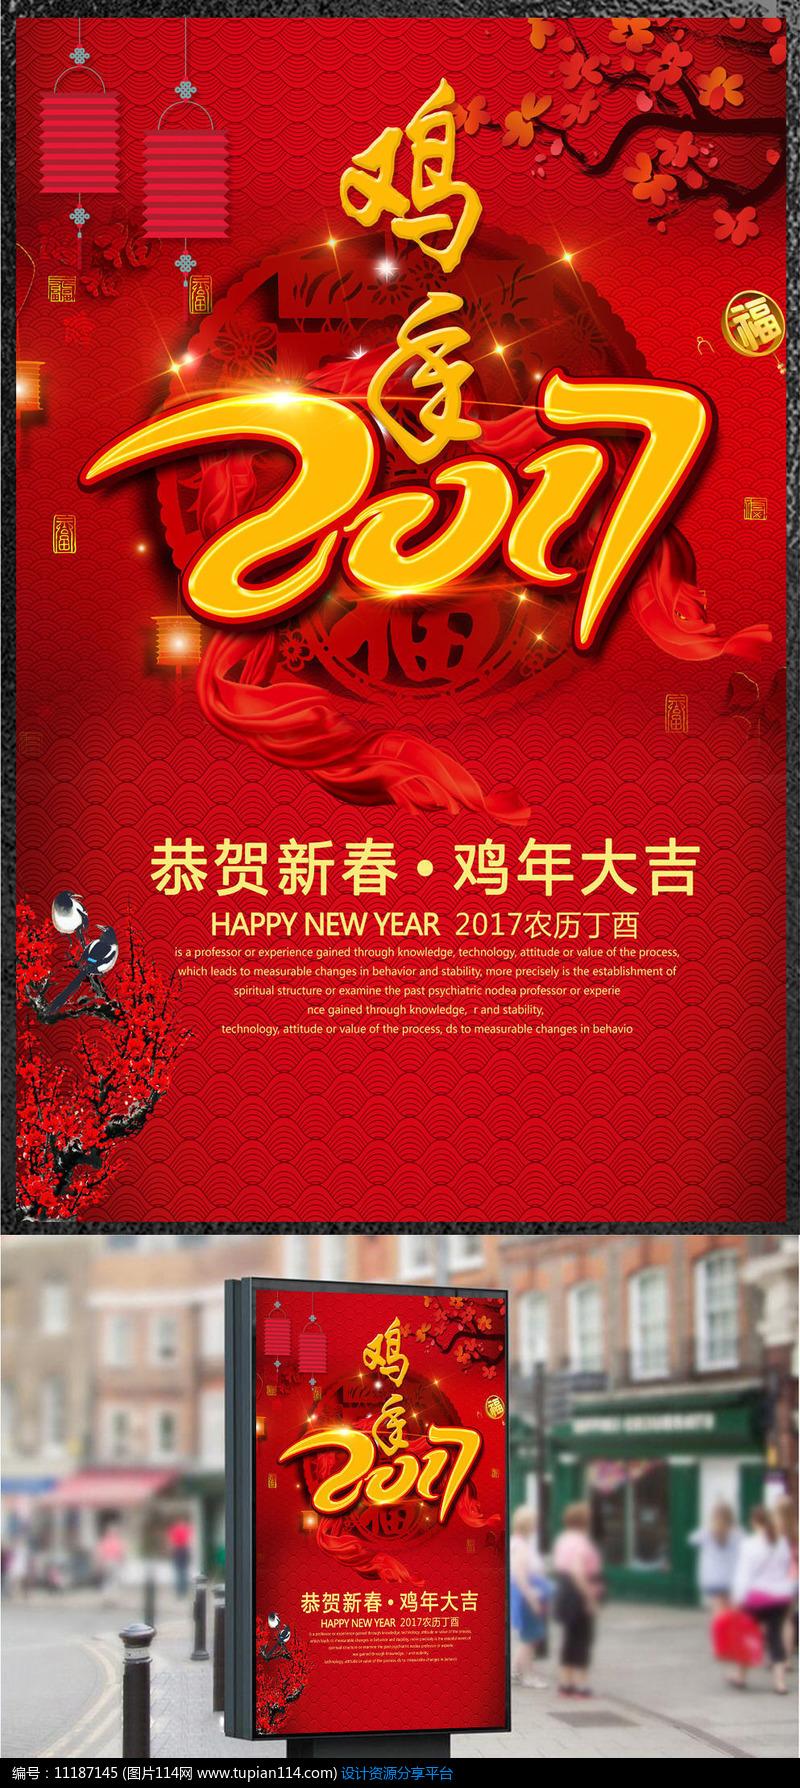 [原创] 鸡年2017春节海报图片